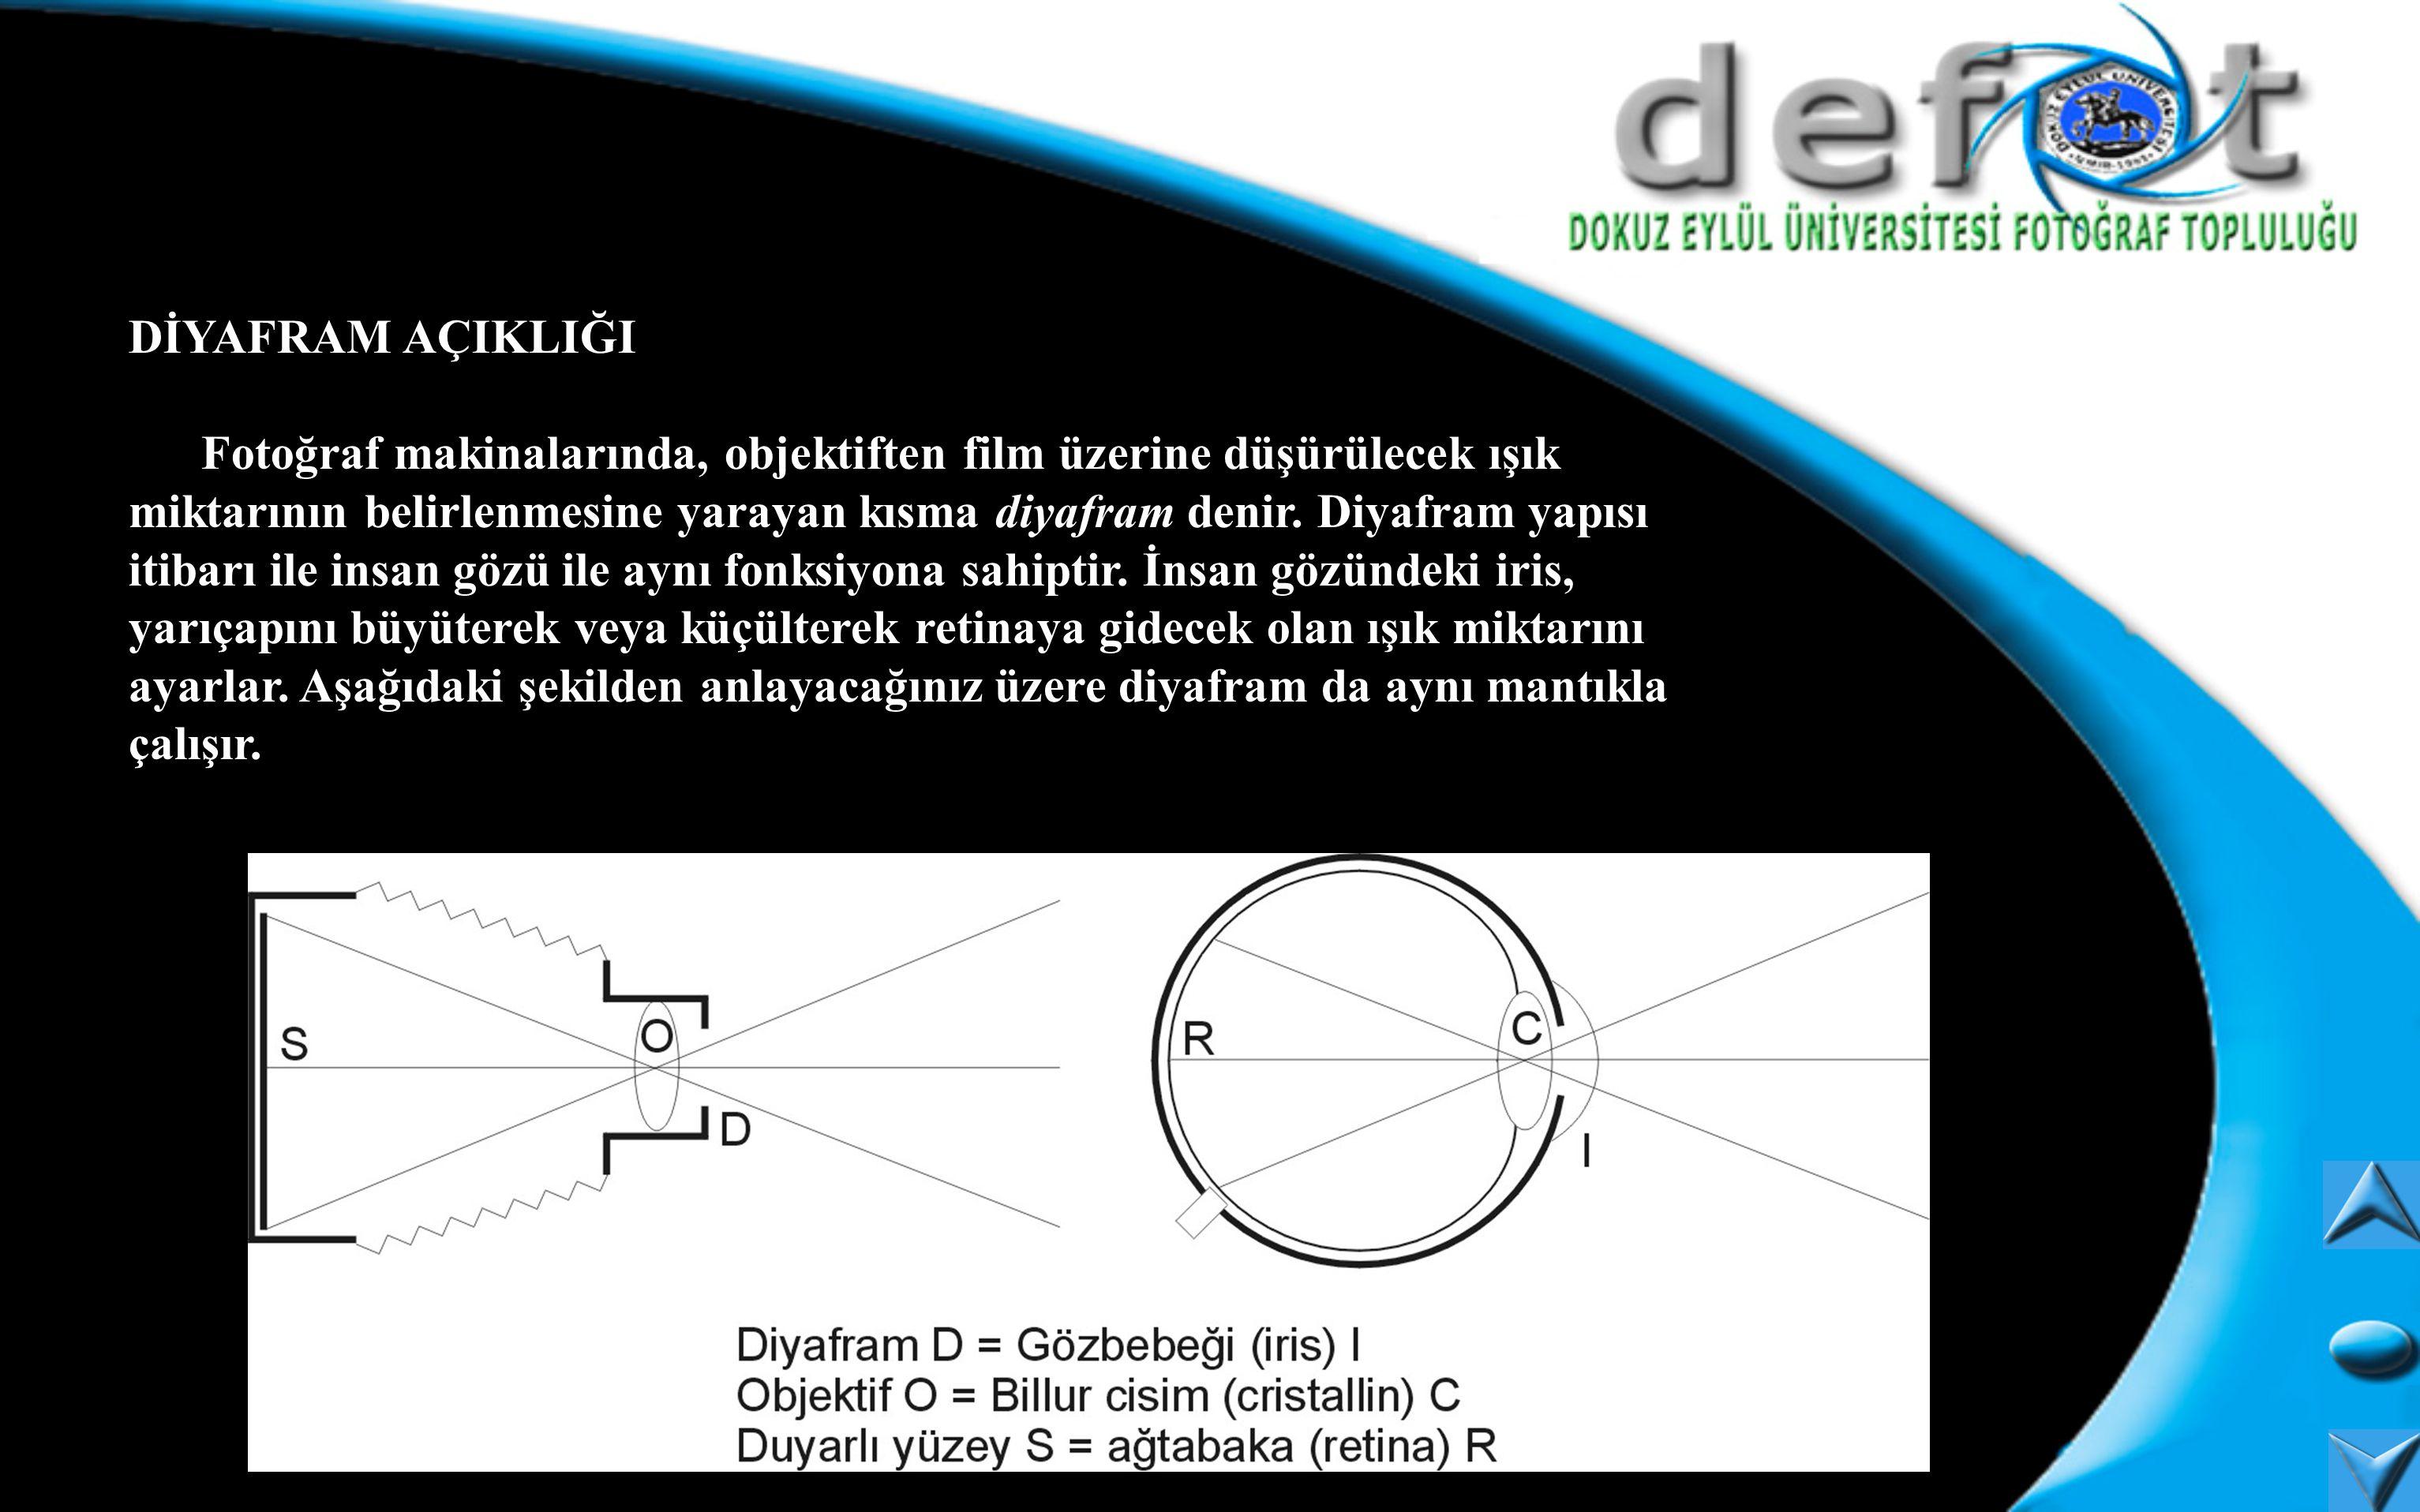 Işık miktarına göre ayarlanacak diyafram için diyafram açıklığı değerleri kullanılır ve f ile gösterilir. f in tanımı aşağıdaki gibidir; f = Odak Uzunluğu /Diyafram Çapı(D) = Diyafram Açıklığı Her objektifin kendine göre bir diyafram açıklığı aralığı vardır.